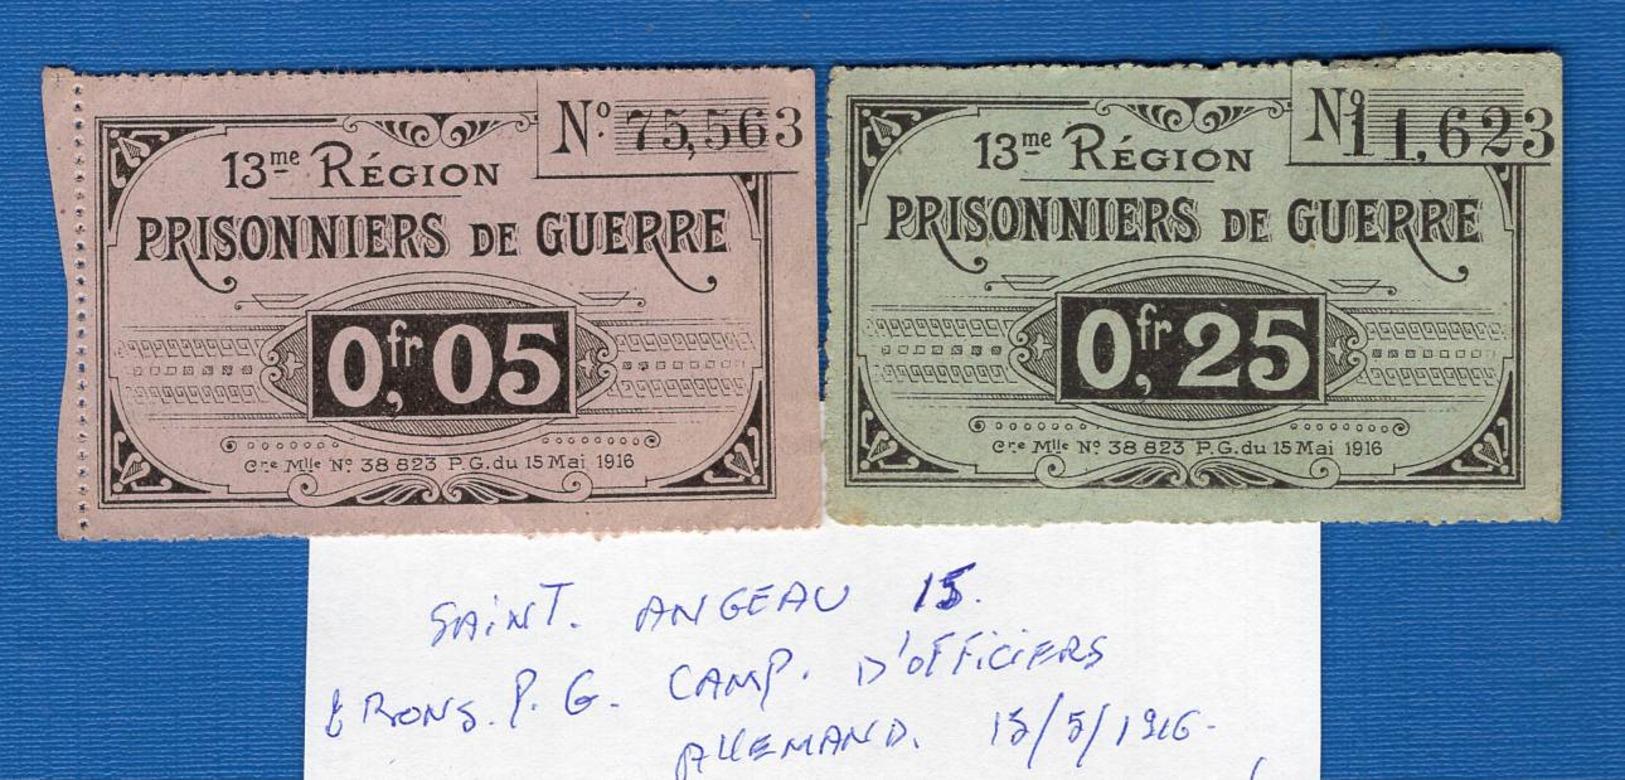 Saint  Angeau  15  Cantal   2  Bons  Pg  Camp  Dofficiers  Allemand - Buoni & Necessità